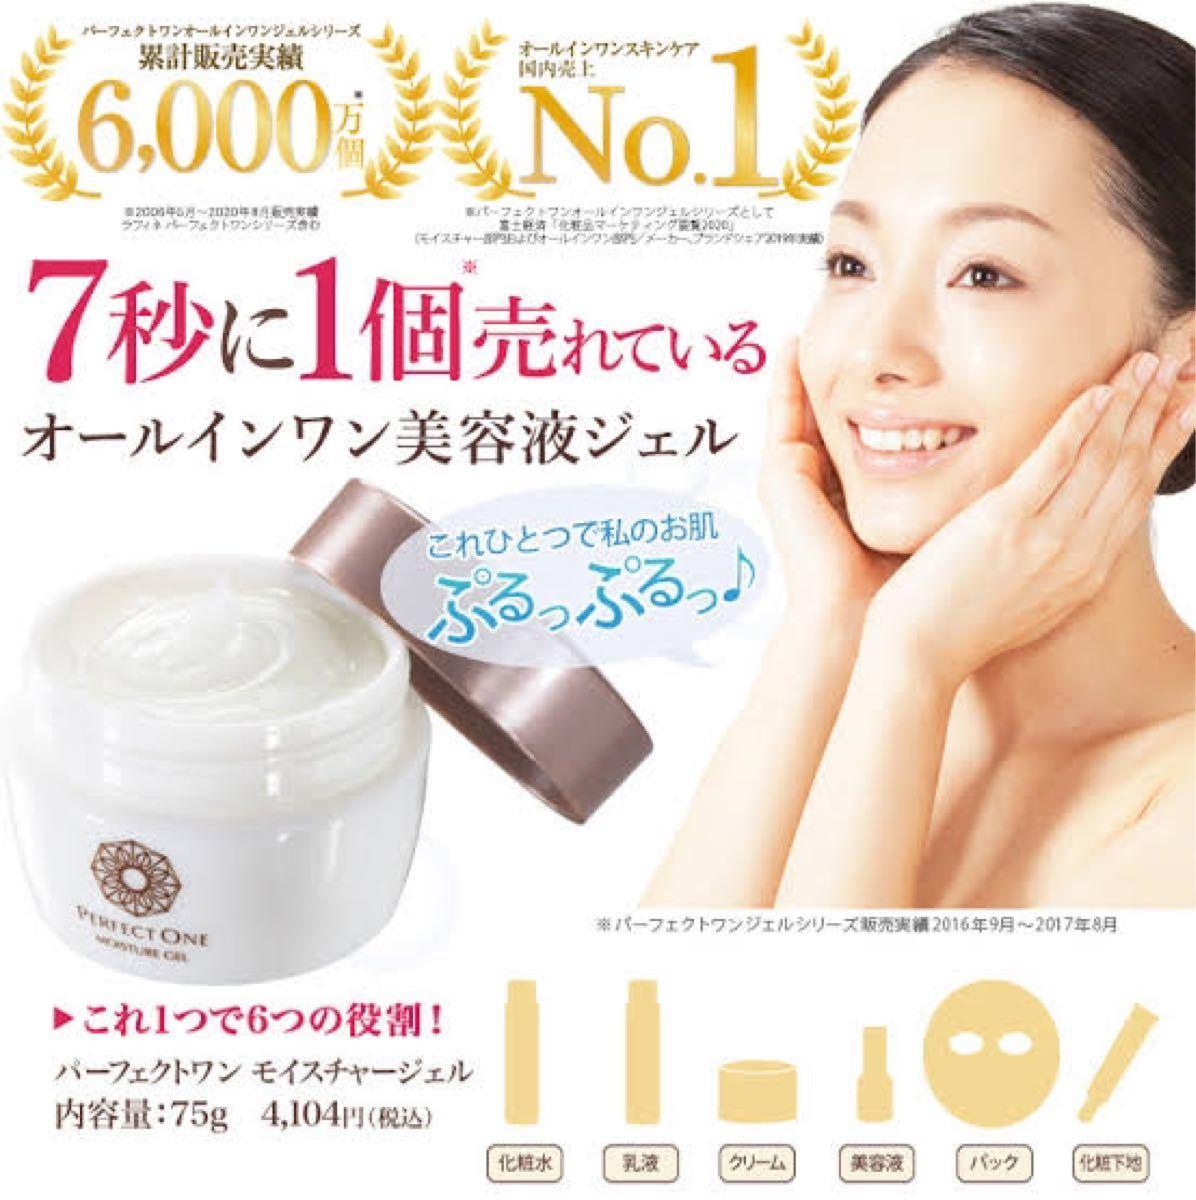 【新品】パーフェクトワン モイスチャージェル(美容液ジェル)75g 新日本製薬